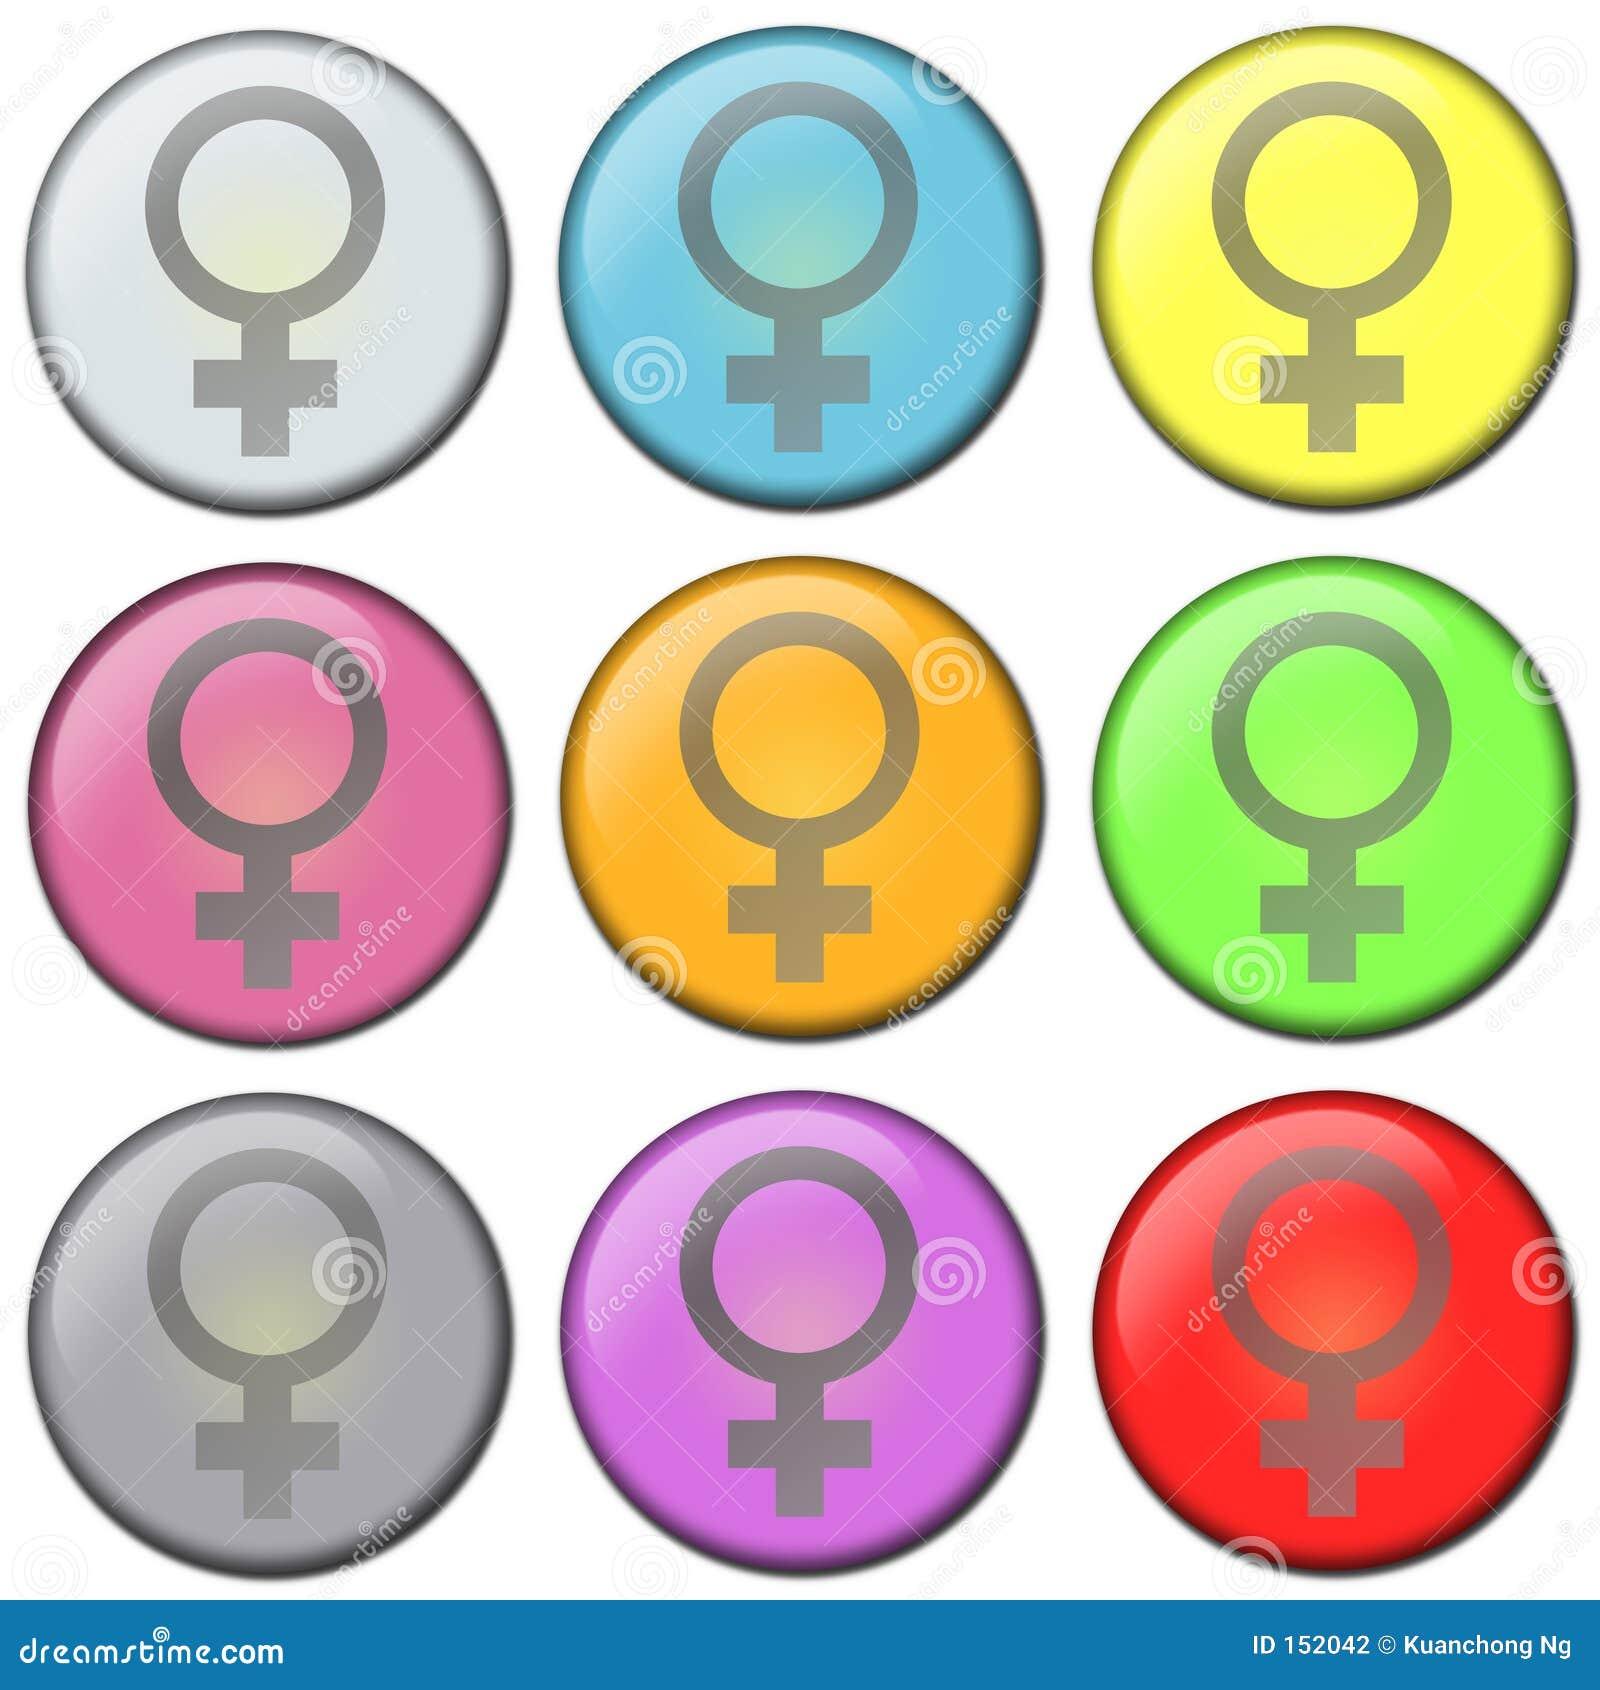 Button - female